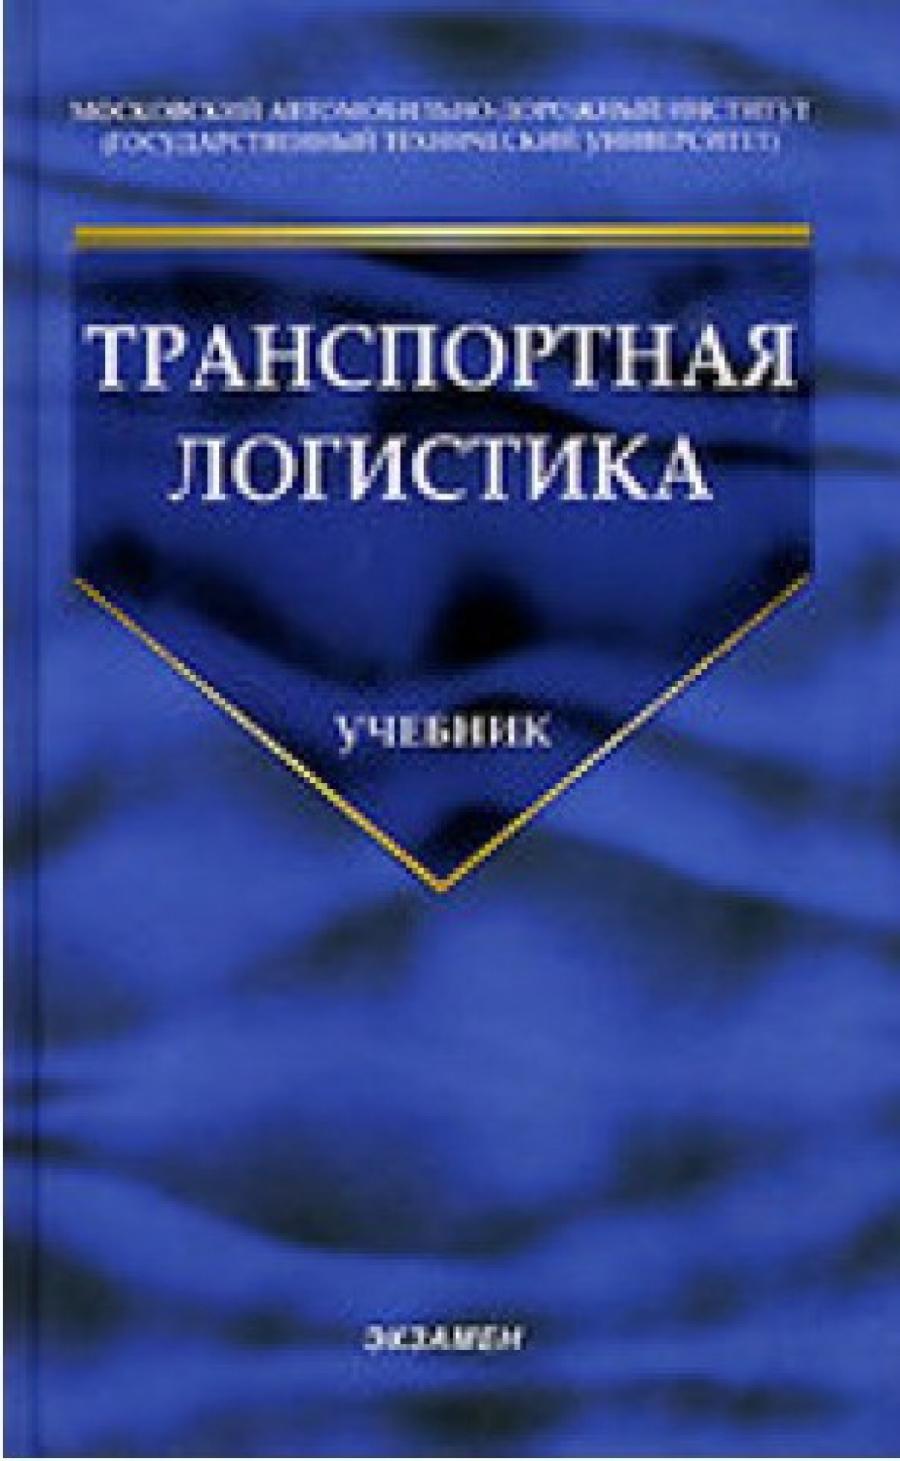 Обложка книги:  миротин л. б. - транспортная логистика.